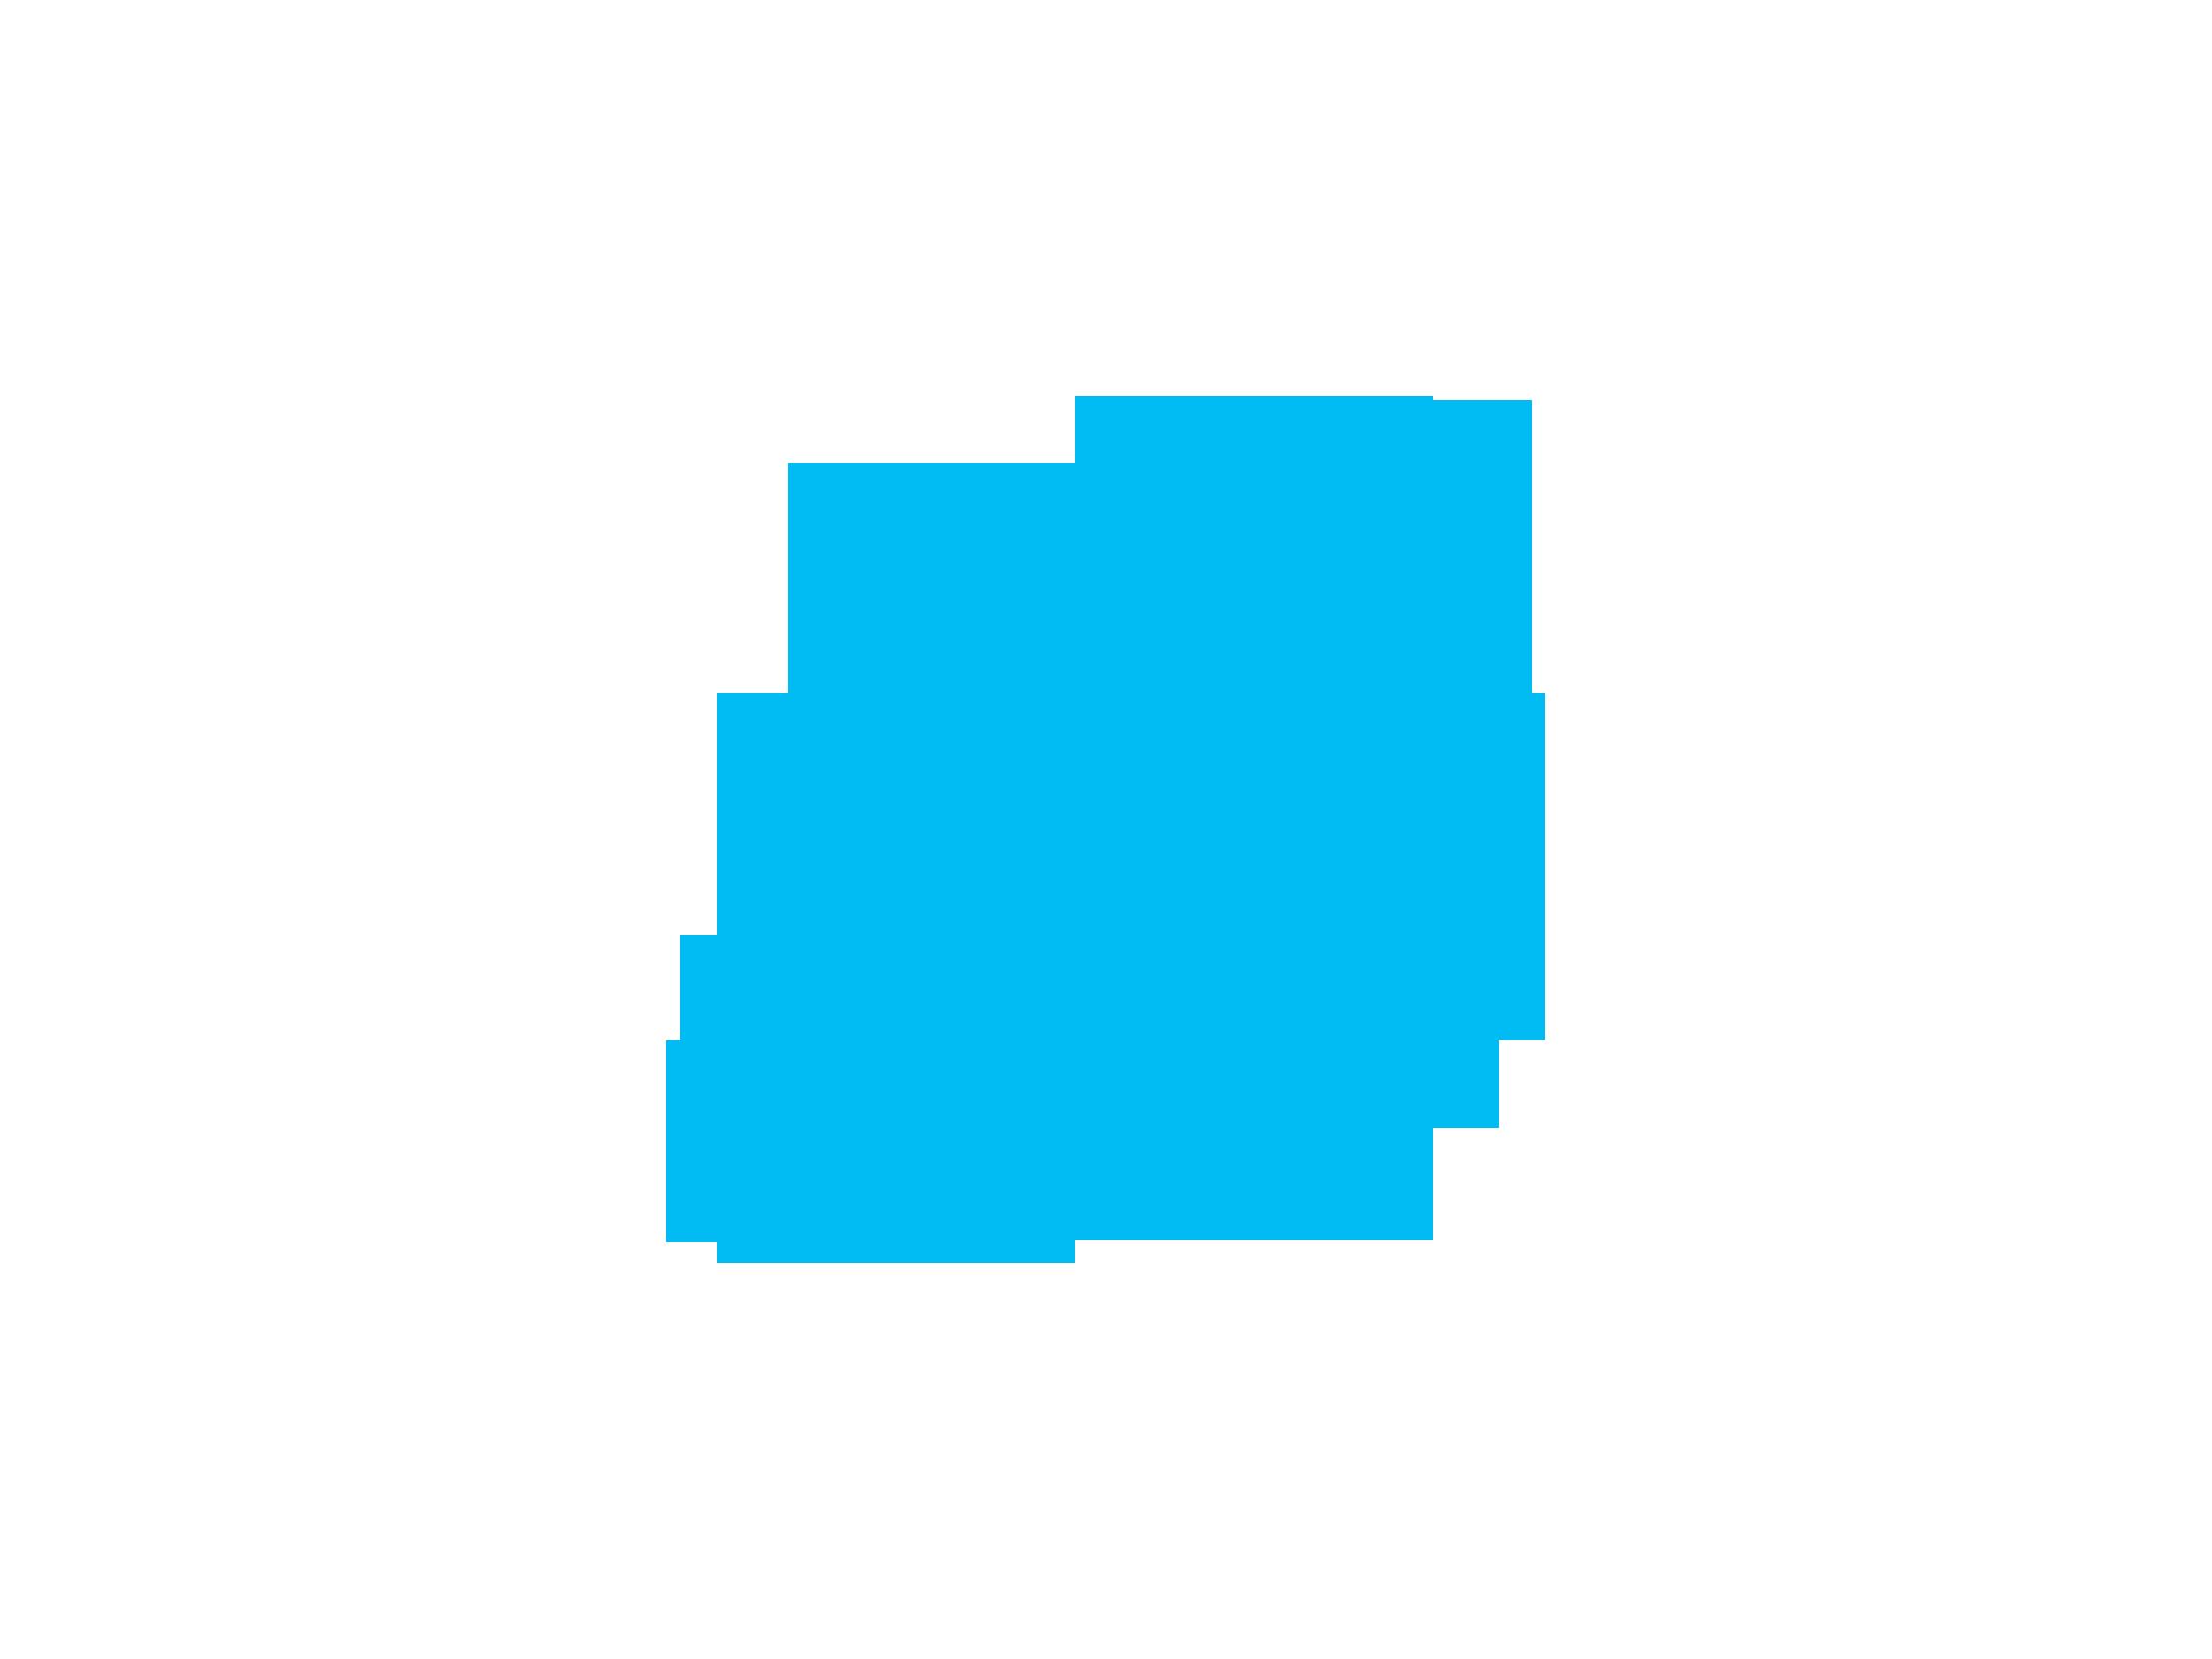 Logo png images free. Internet clipart internet explorer